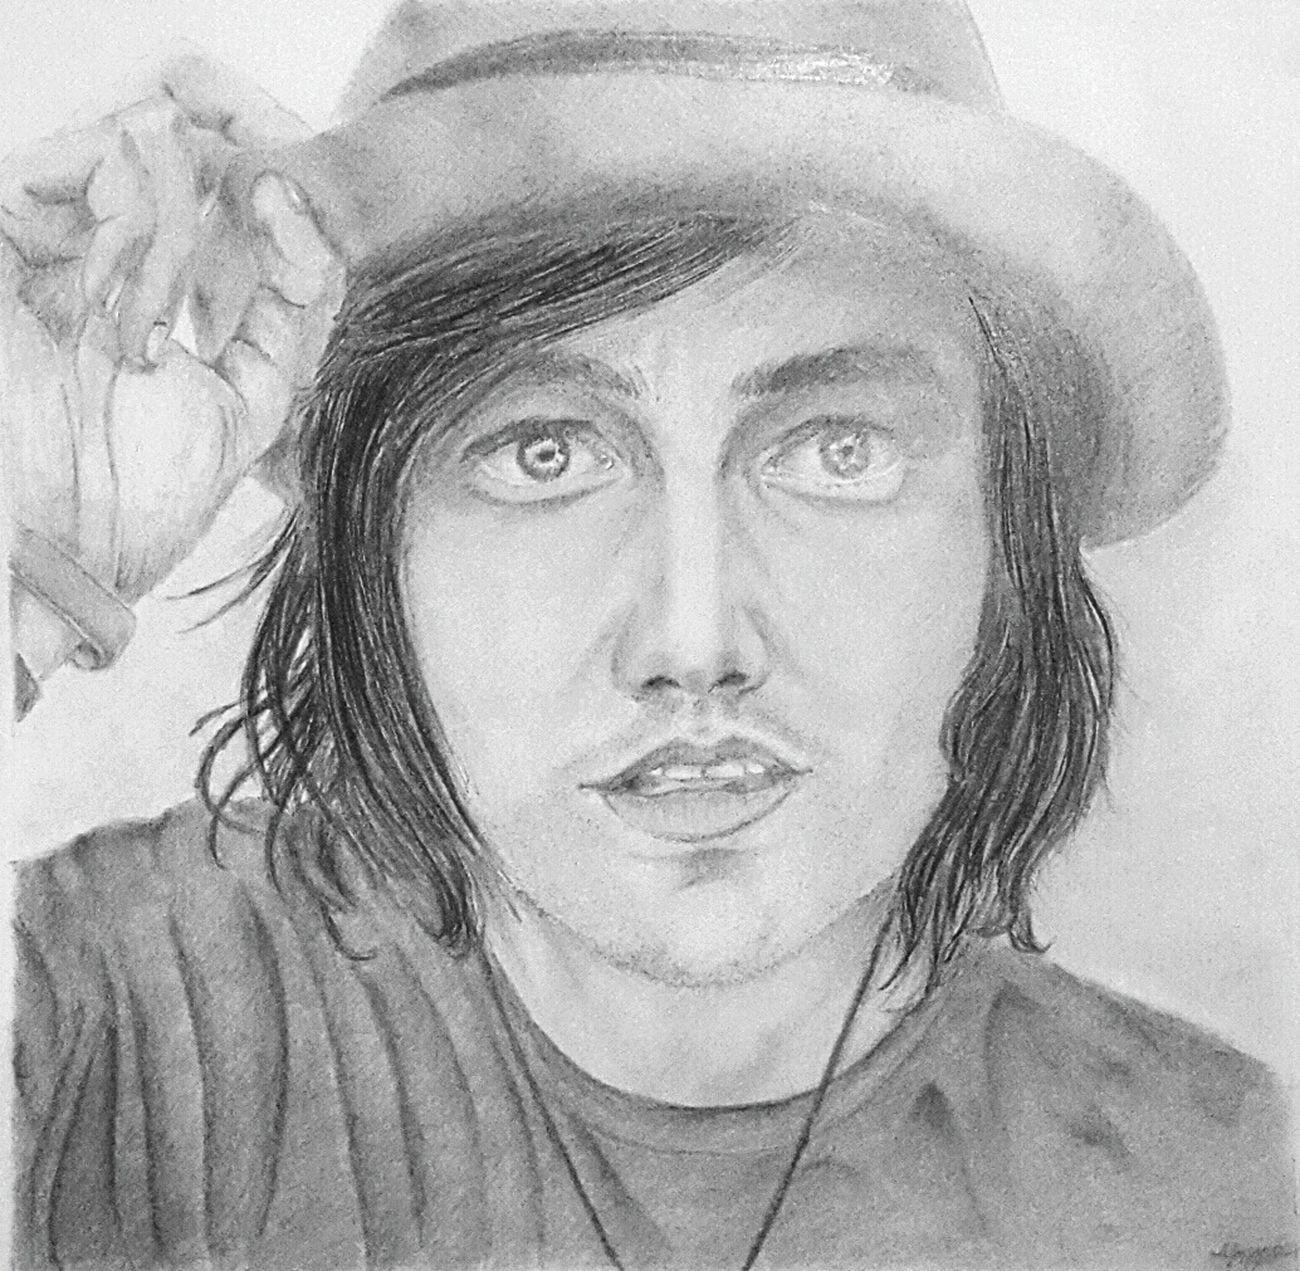 Kellin Quinn pencil drawing ❤ Pencil Drawing Art Drawing Kellin Quinn Sws